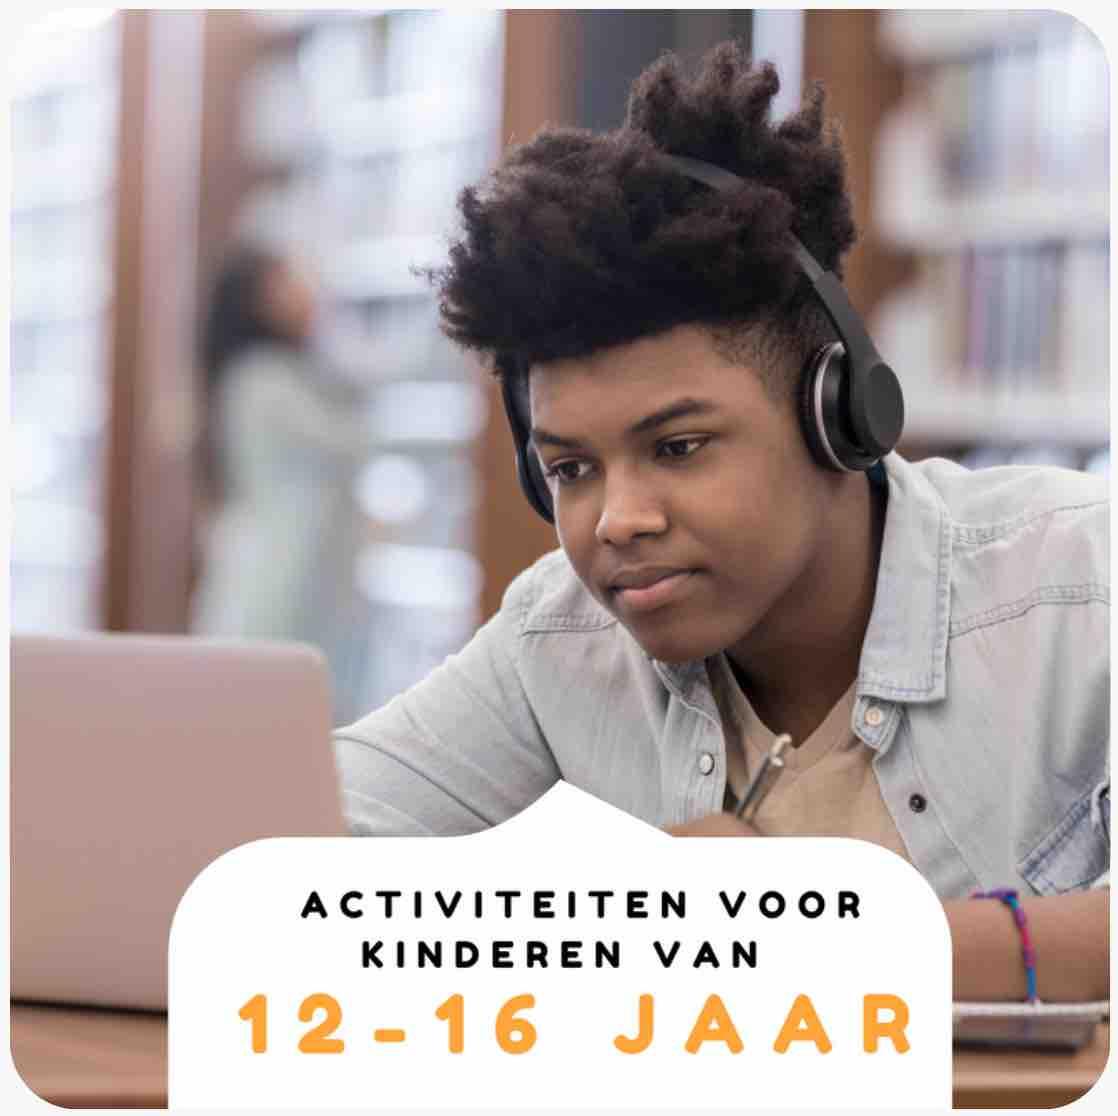 Nederlandstalige activiteiten voor kinderen van 12-16 jaar